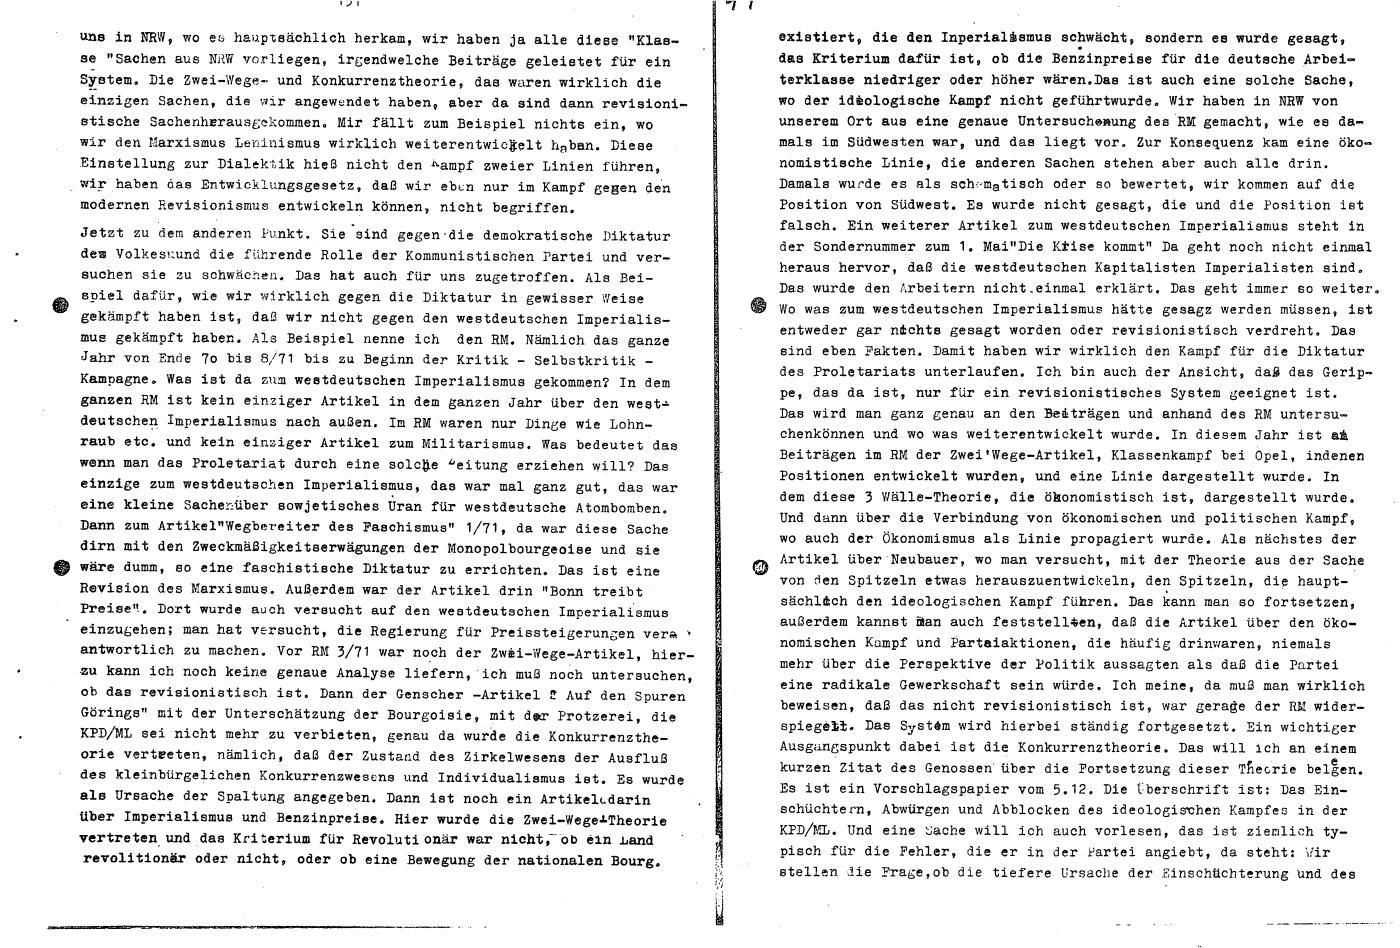 KPDML_1971_Wortprotokolle_aoPt_109